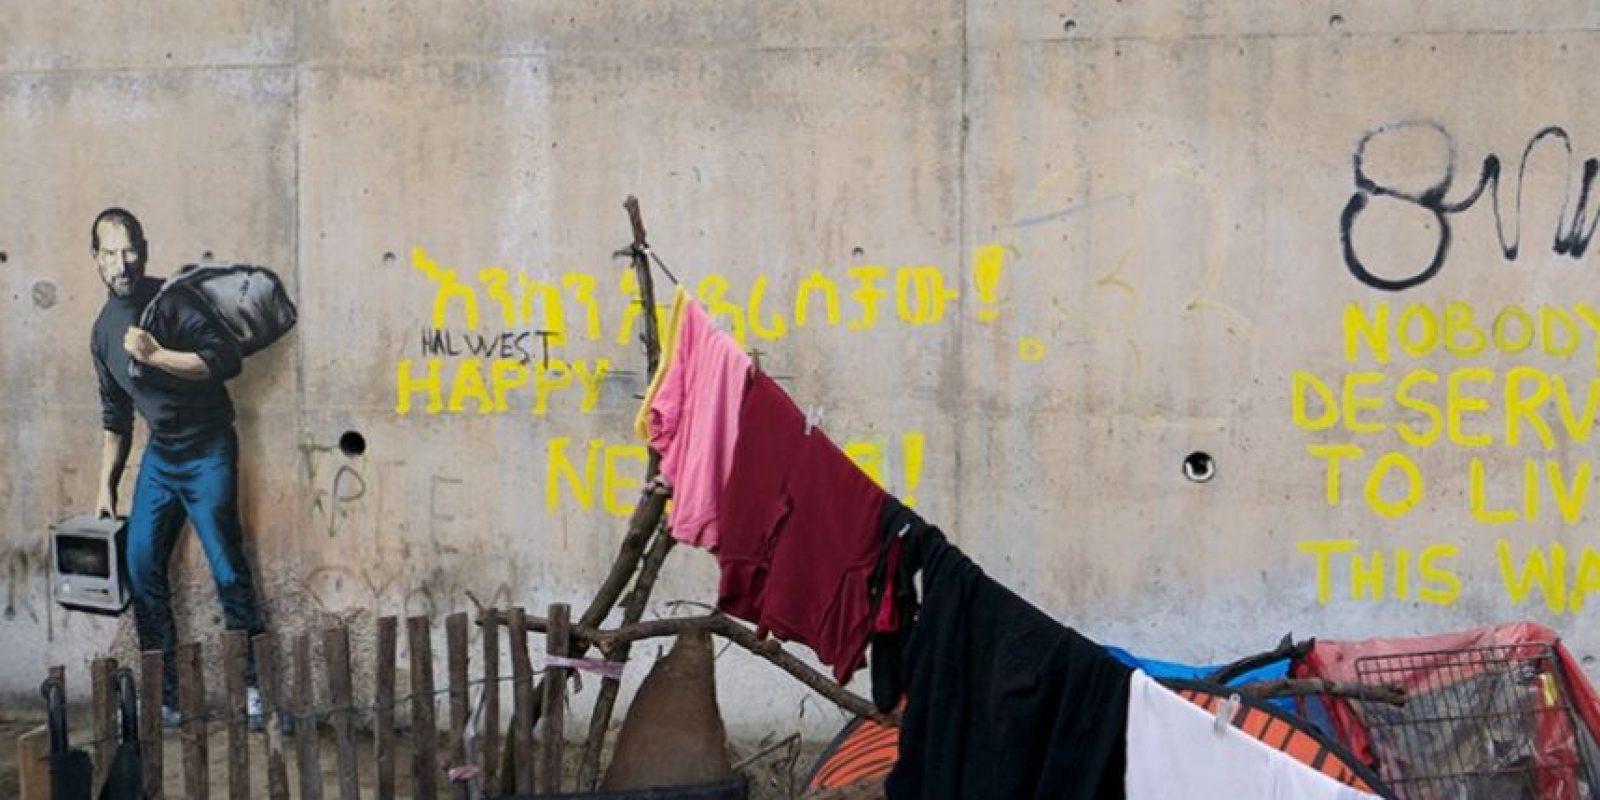 Jobs falleció en 2011 a consecuencia de cáncer de páncreas. Foto:vía banksy.co.uk